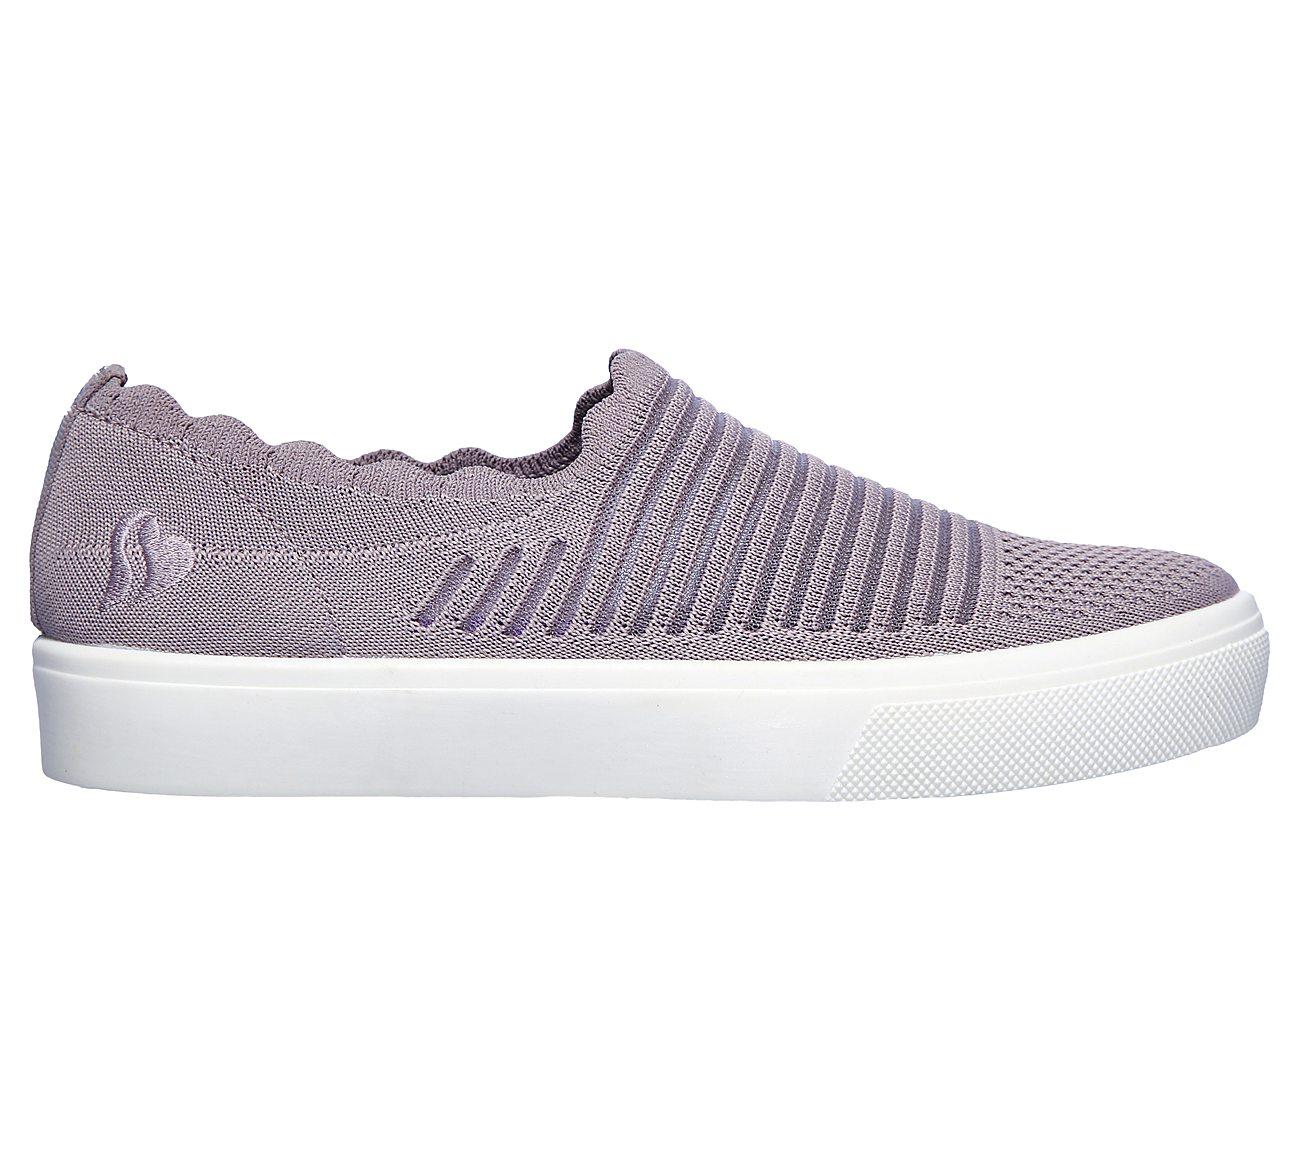 Skechers Dynamight 2.0 Eye to Eye Sneaker in Farbe